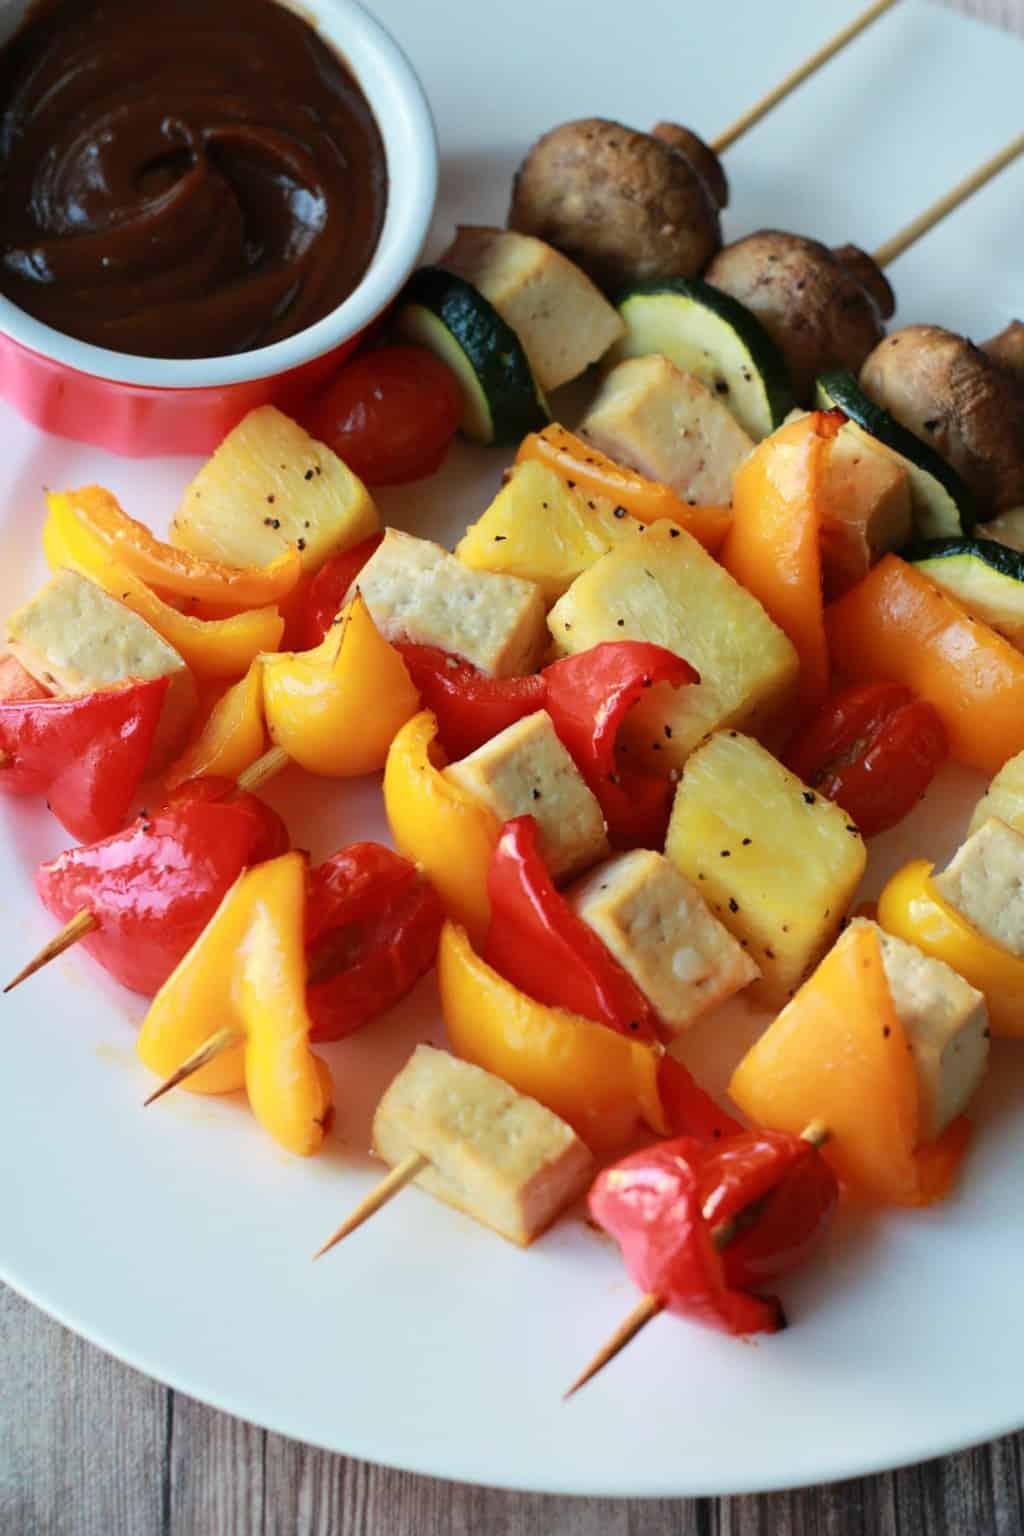 Fabulously colorful Vegetable Skewers served with a soy peanut dipping sauce! #vegan #lovingitvegan #glutenfree #healthy #vegetableskewers #kebabs